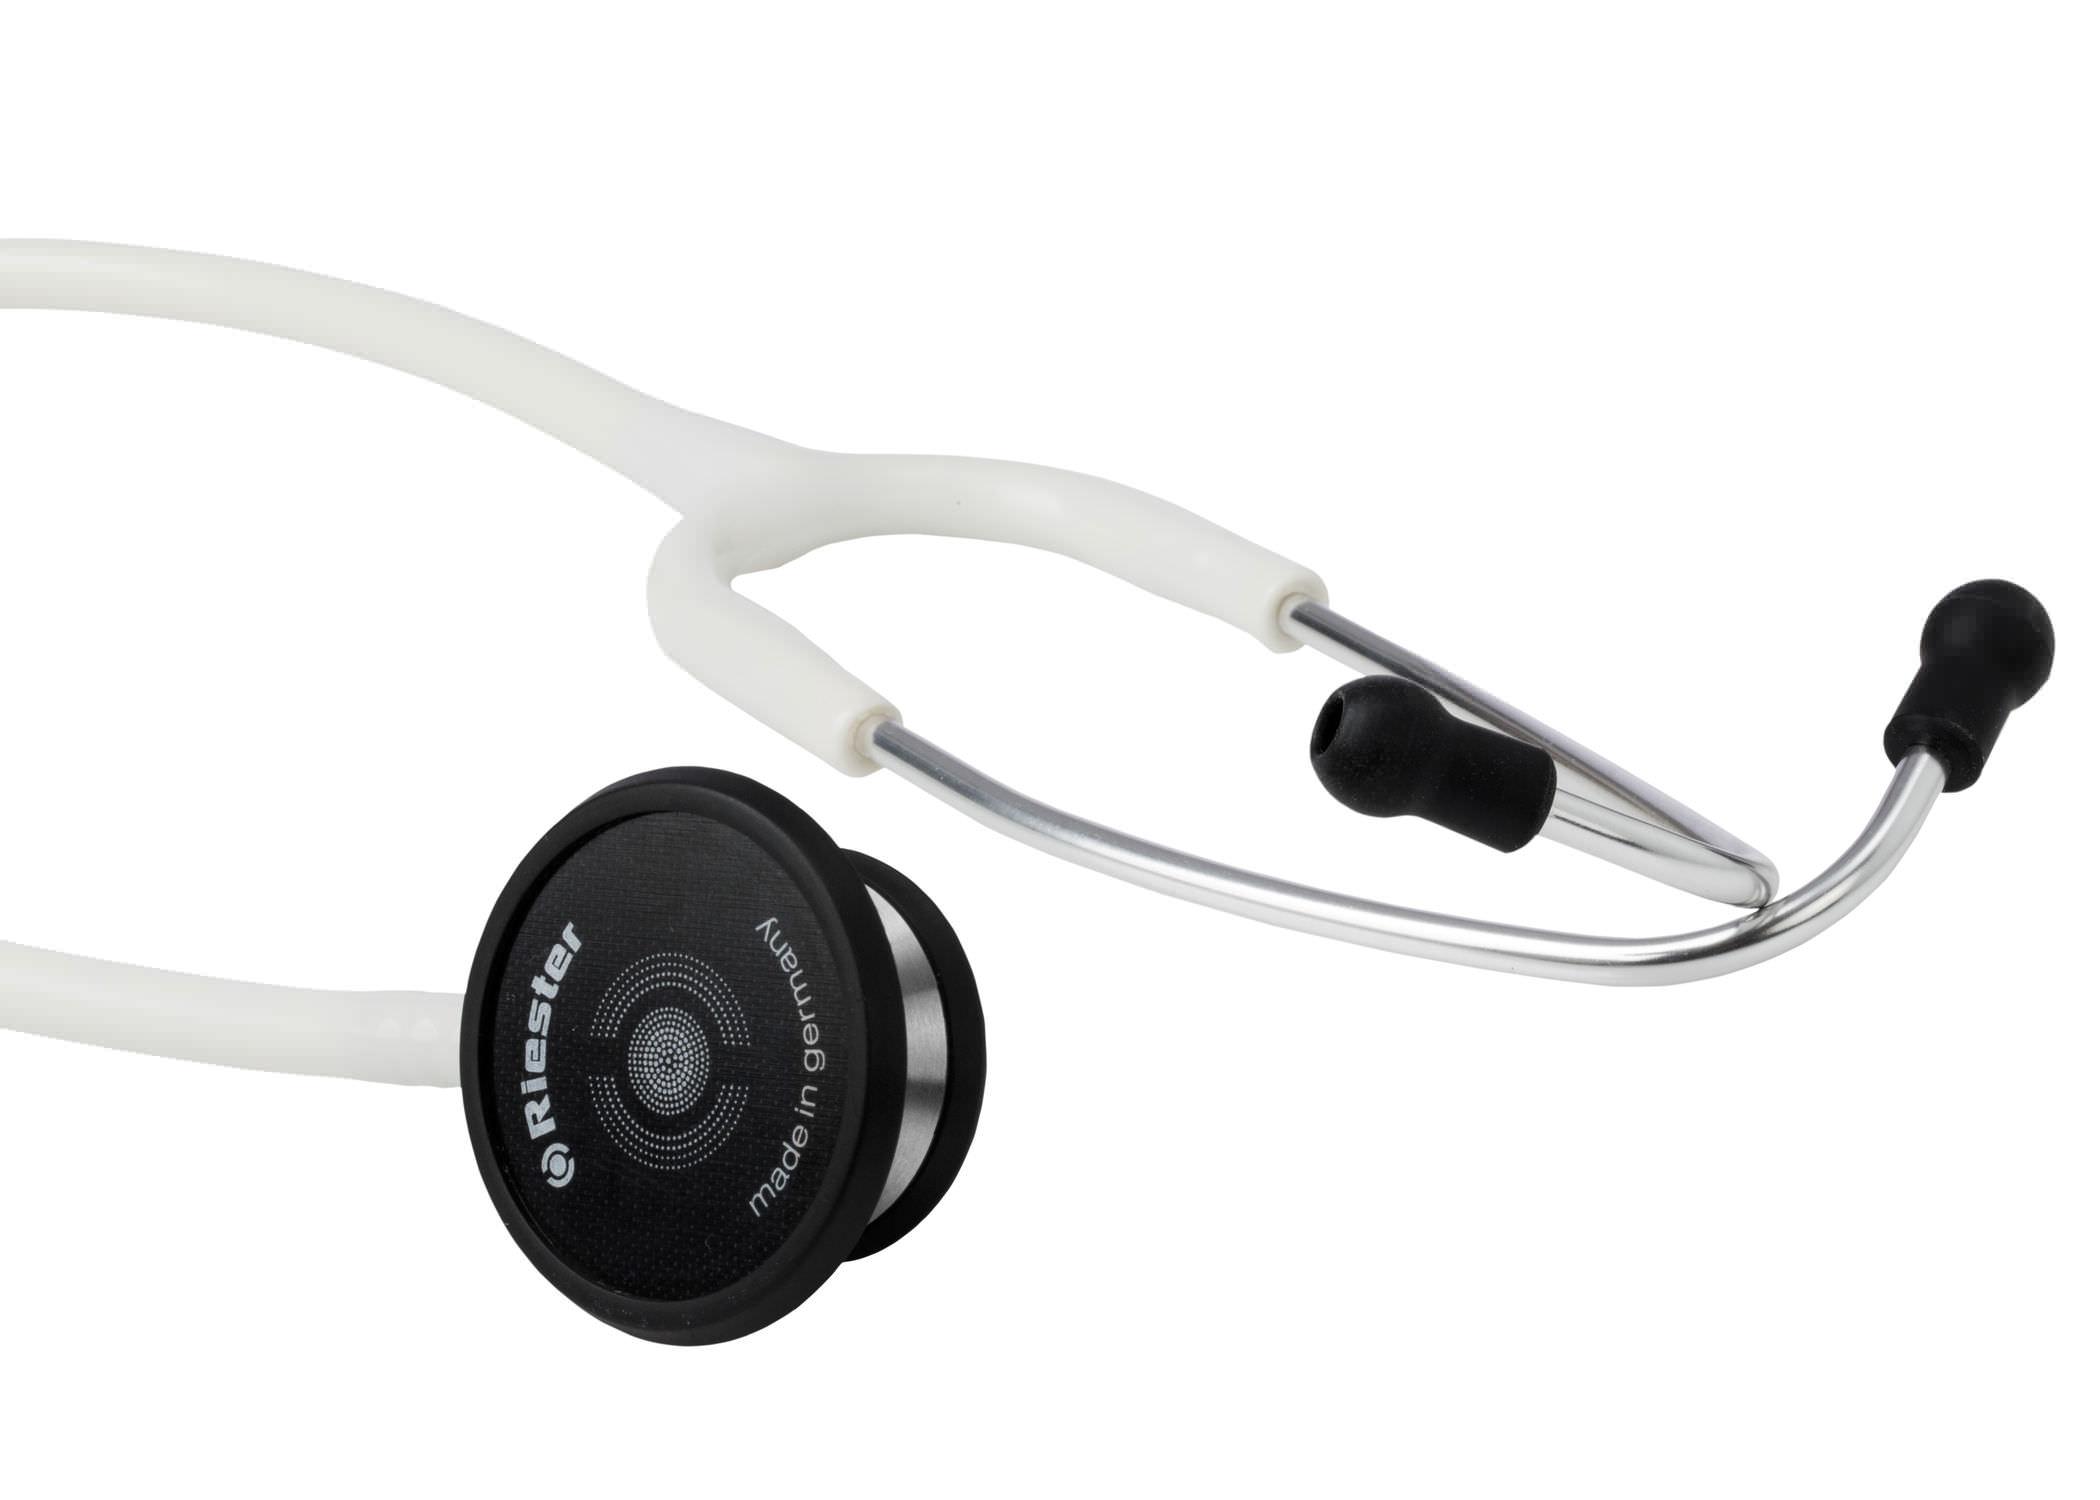 Stethoscope Duplex 2.0 review